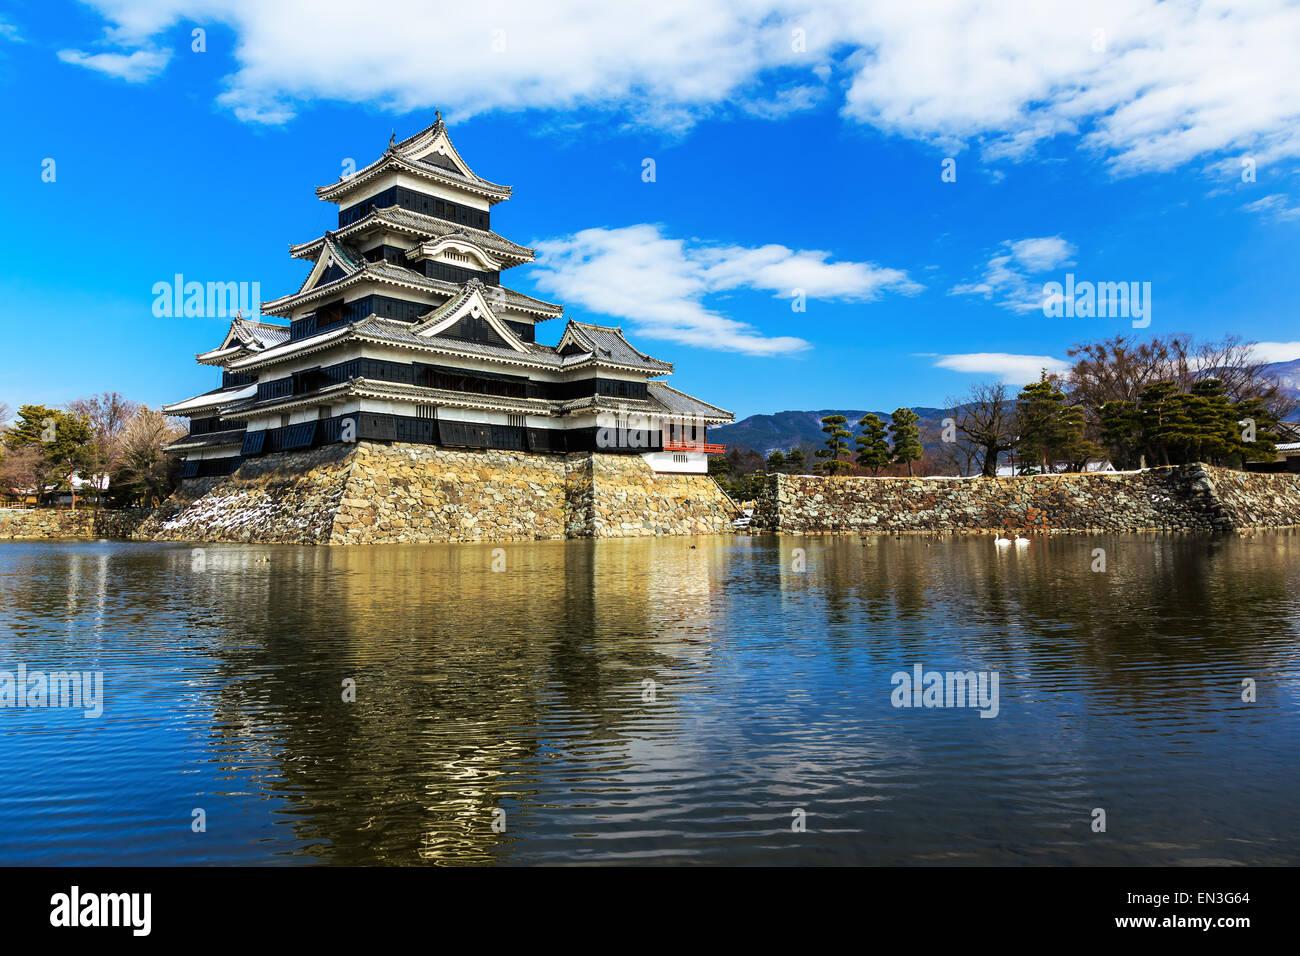 Castello medievale Matsumoto nella parte orientale di Honshu, Giappone Immagini Stock